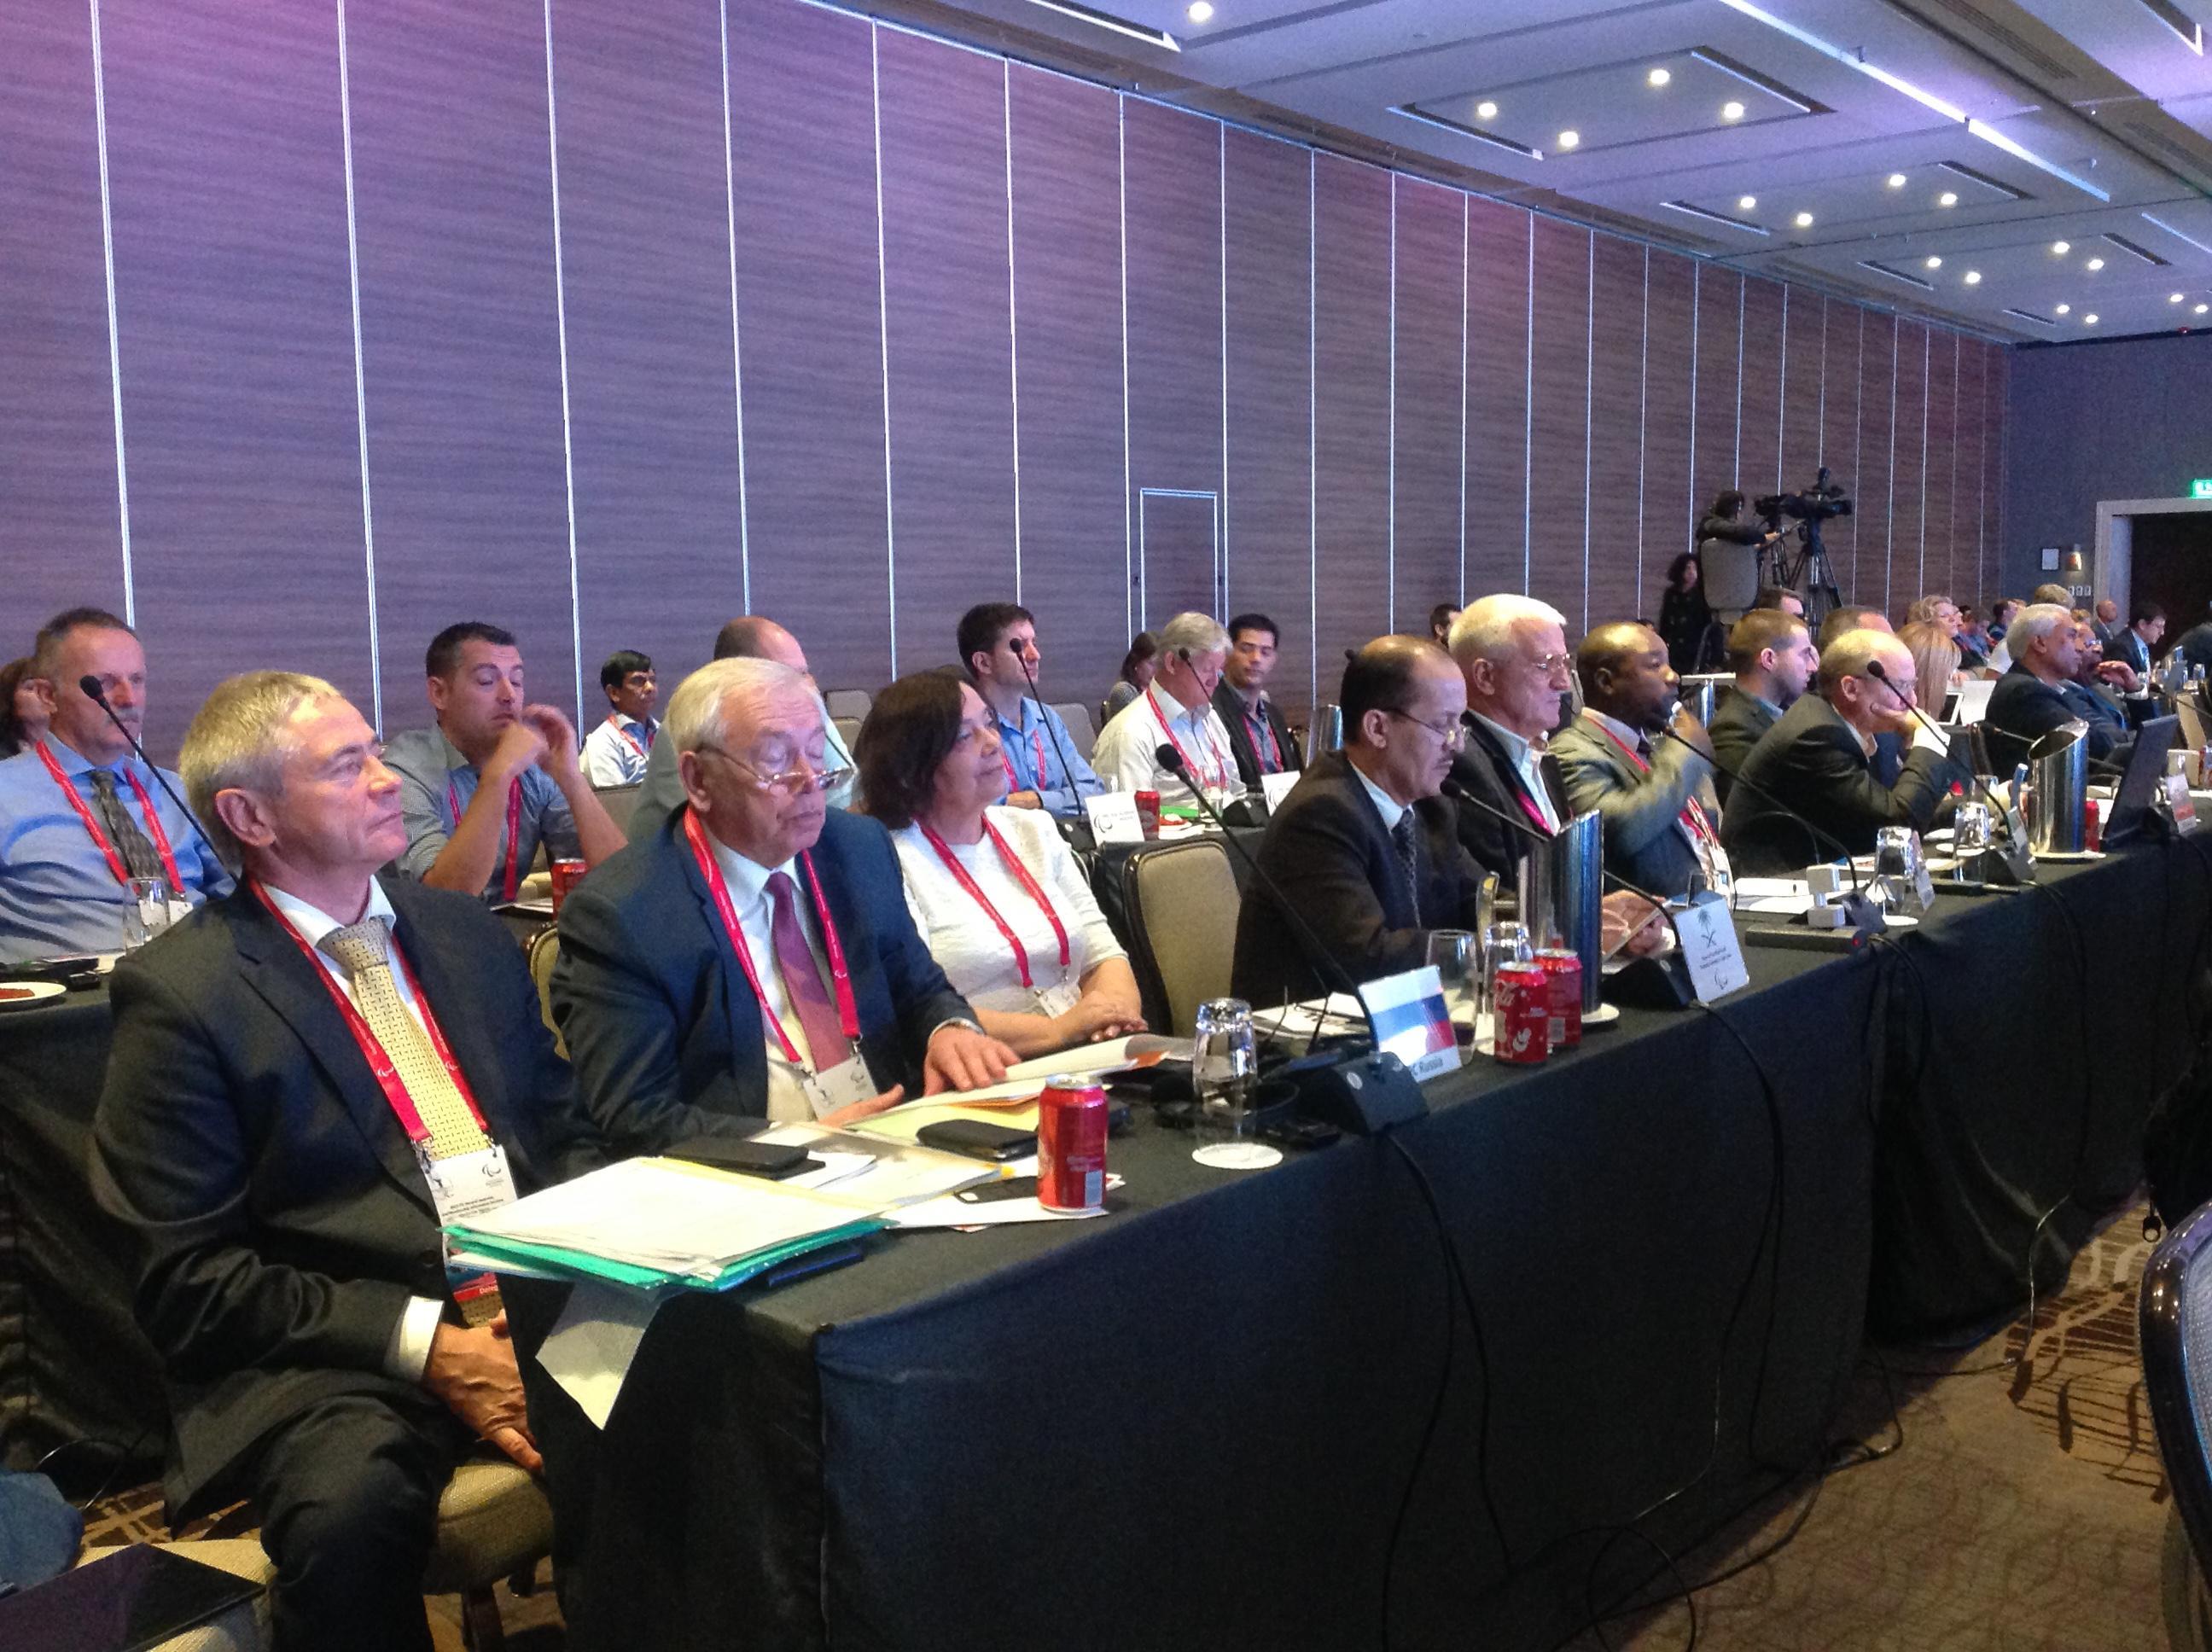 В.П. Лукин и П.А. Рожков в г. Мехико (Мексика) приняли участие в заседании Генеральной Ассамблеи Международного паралимпийского комитета